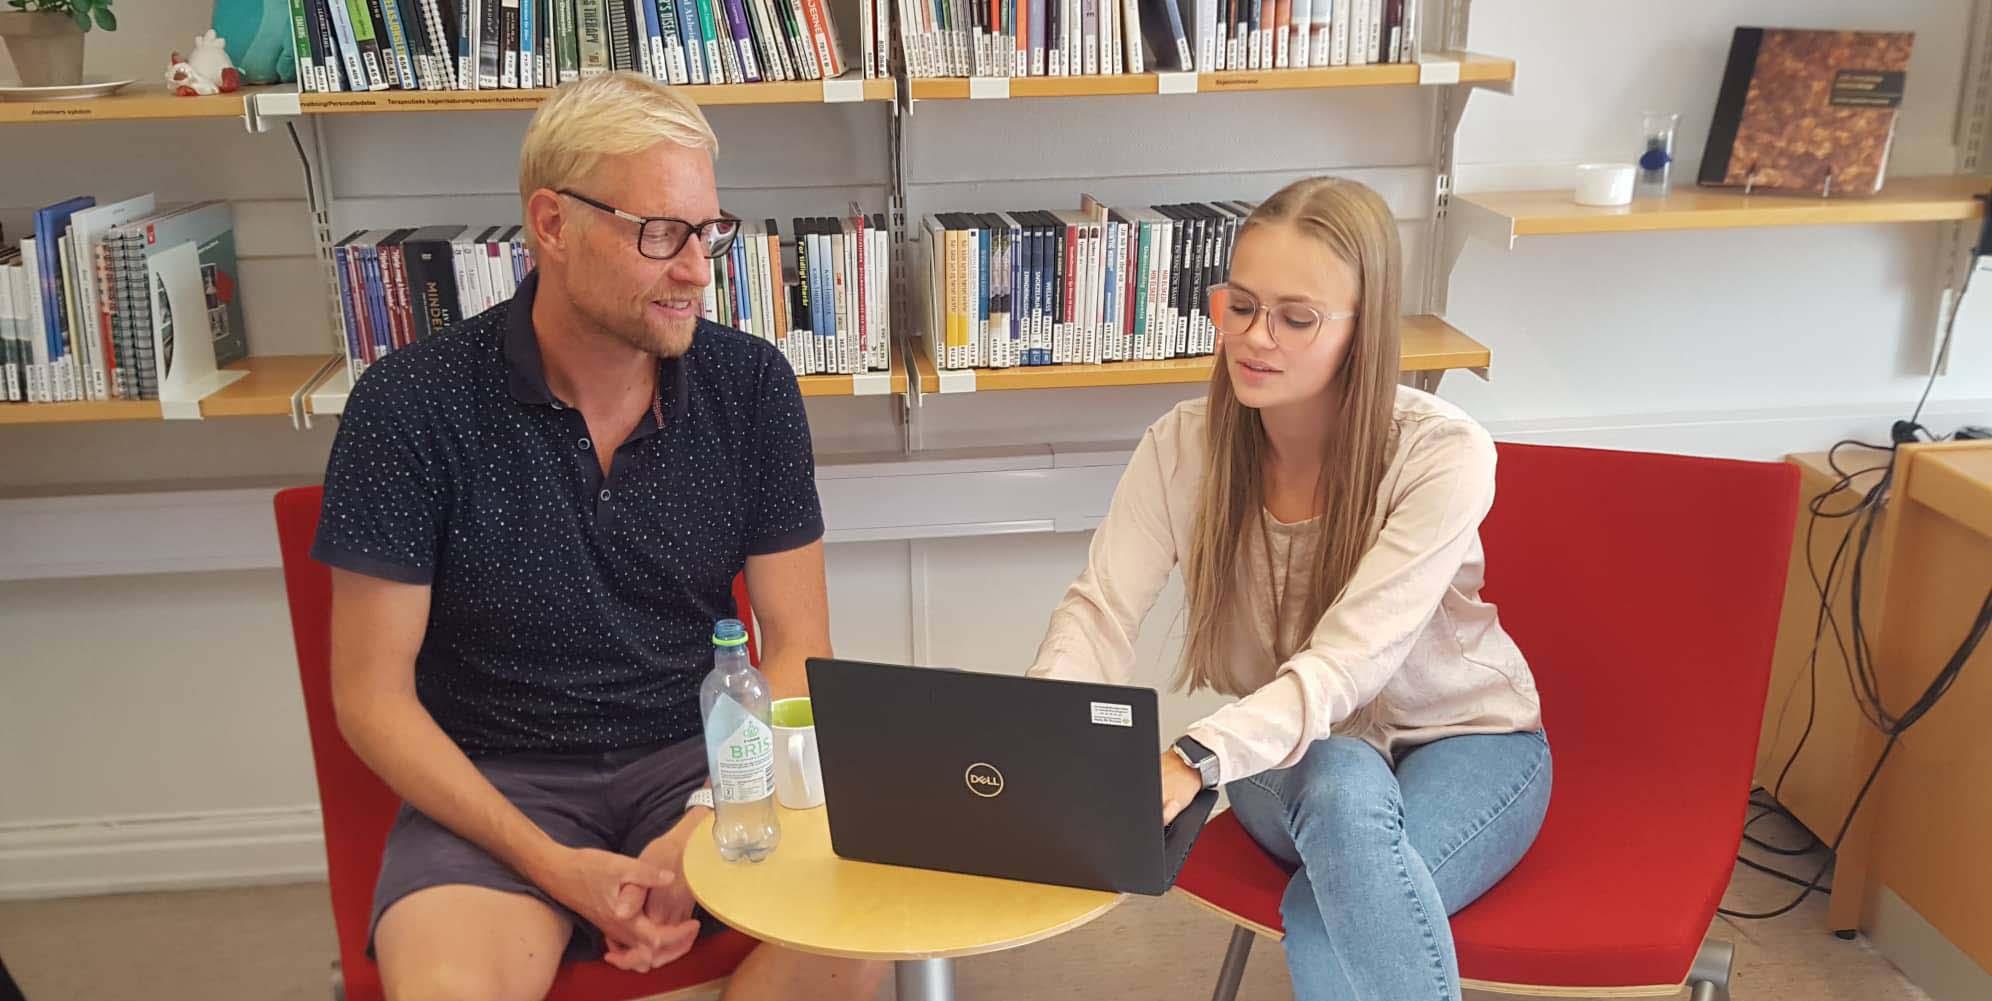 Mann og kvinne ser på PC. Foto.